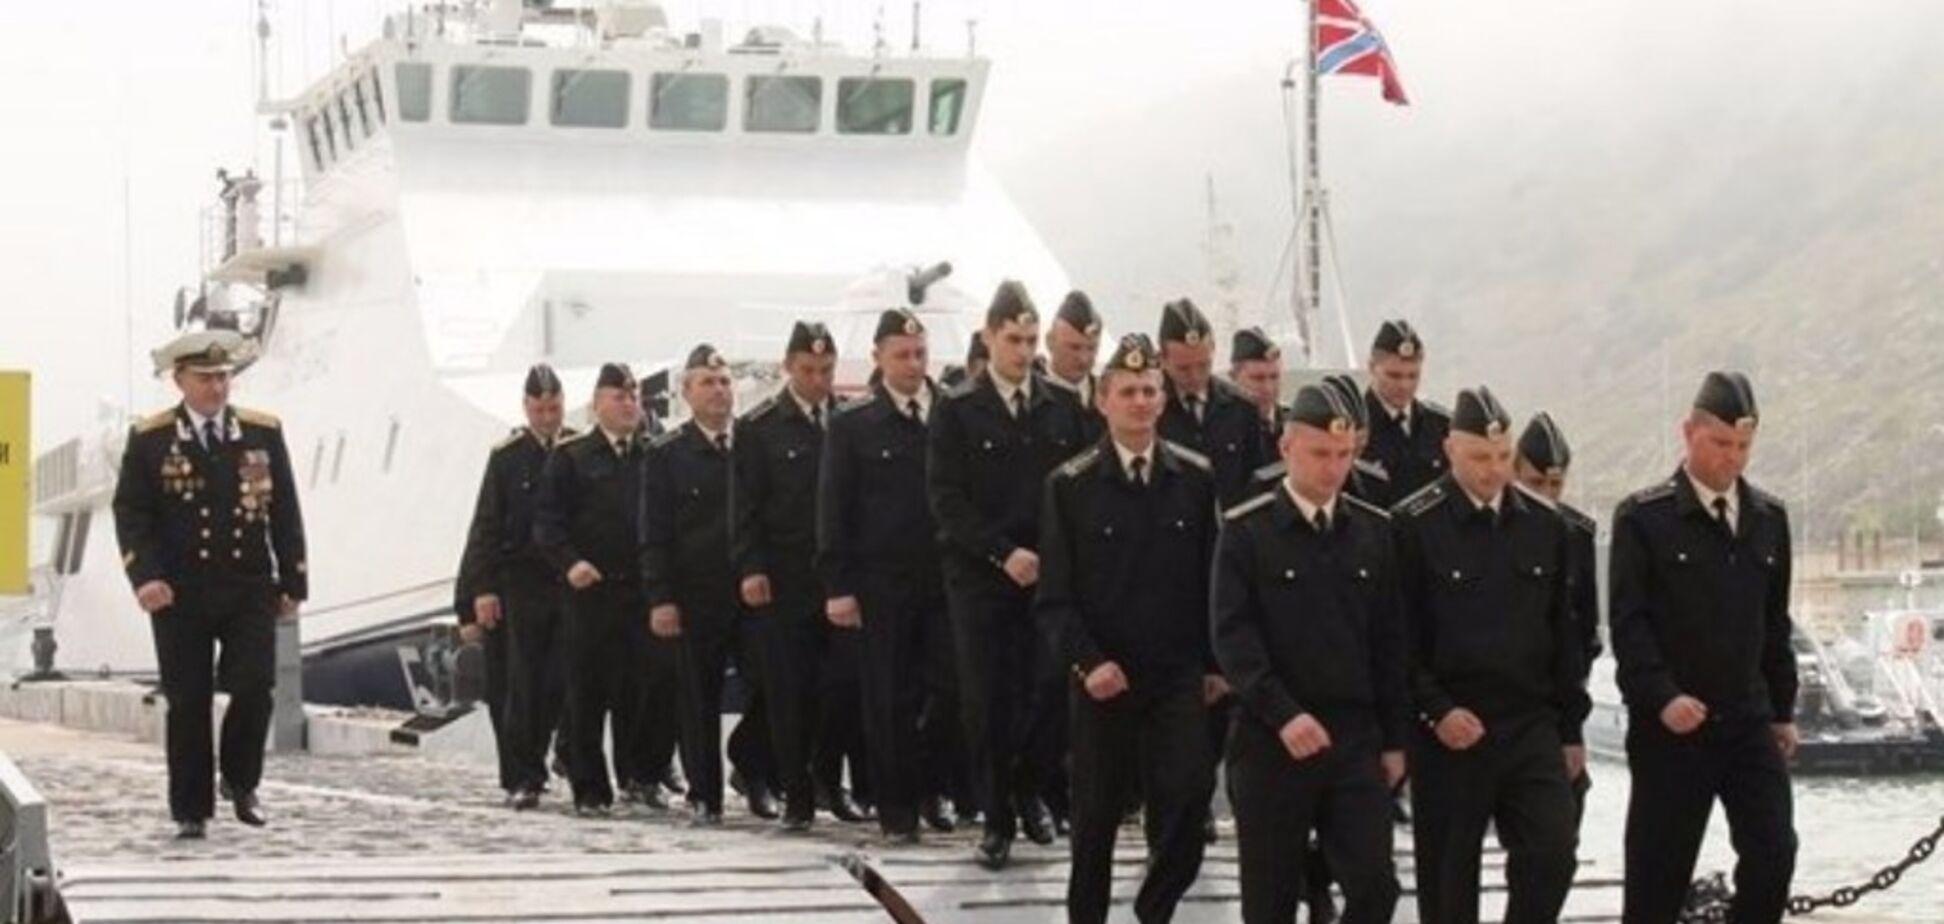 Появились фото российских командиров, напавших на корабли Украины